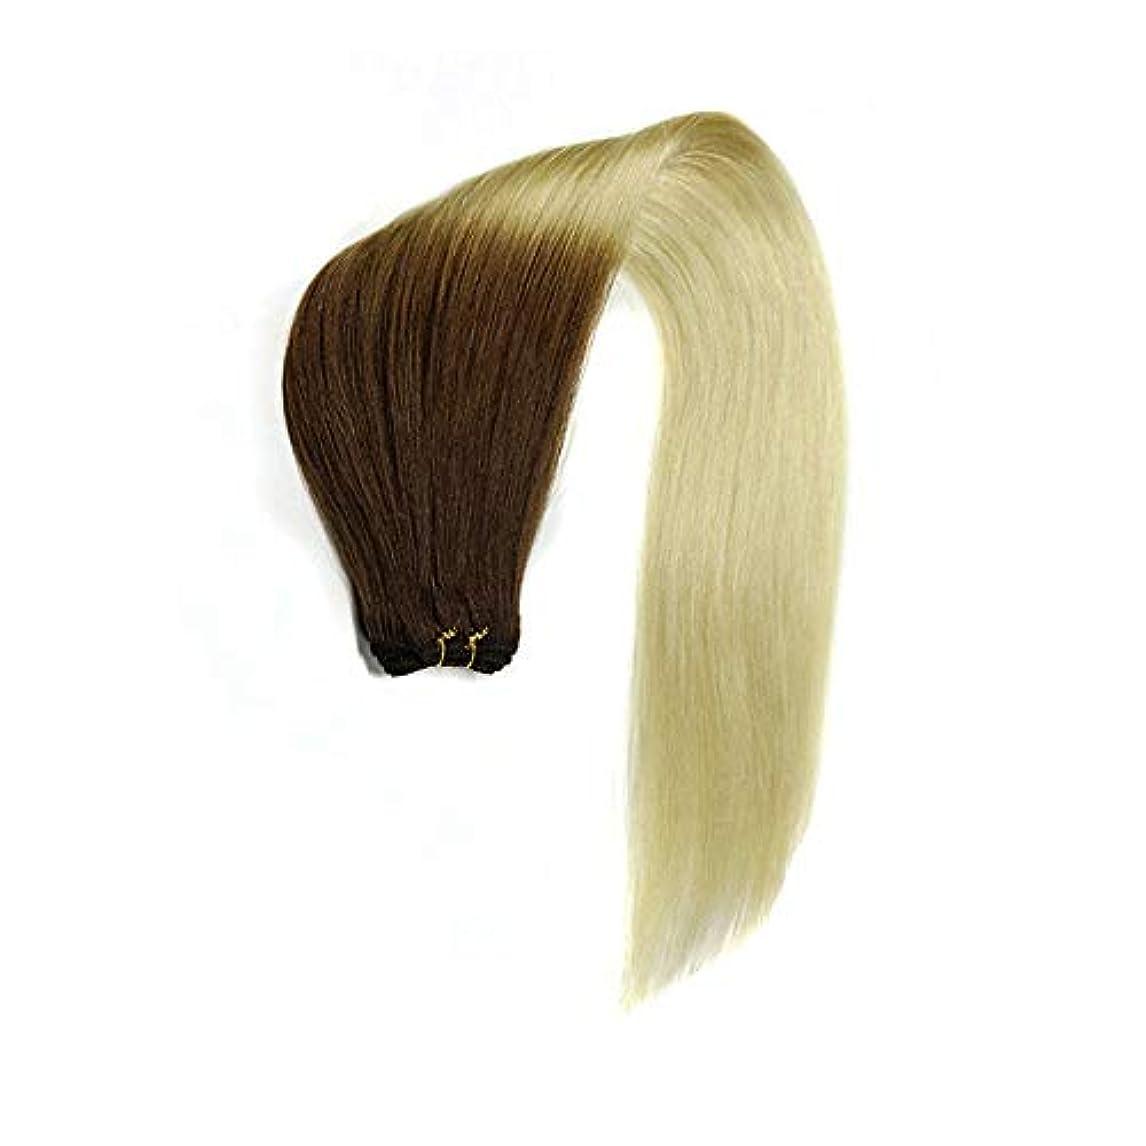 富豪ほんのフラッシュのように素早くWASAIO 女性のヘアエクステンションクリップ裏地なし髪型ブラジル人毛エクステンションわかりやすい横糸 (色 : Blonde, サイズ : 14 inch)